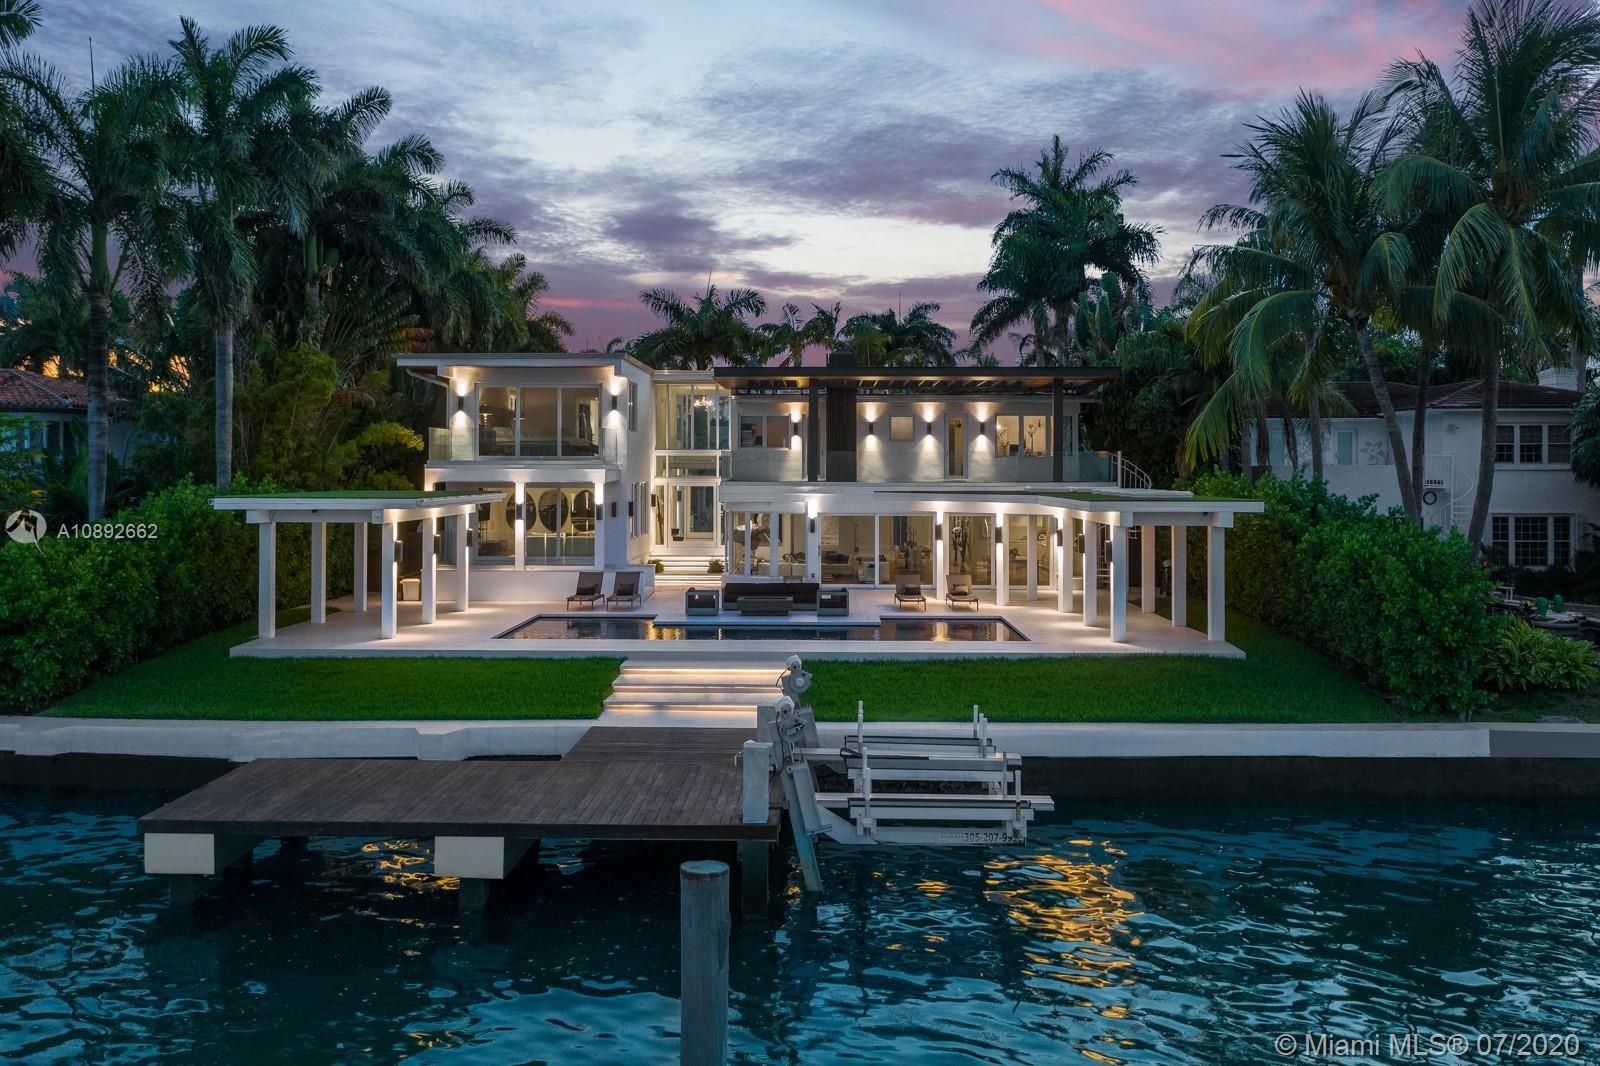 Photo 24 of Listing MLS a10892662 in 327 E Rivo Alto Dr Miami Beach FL 33139